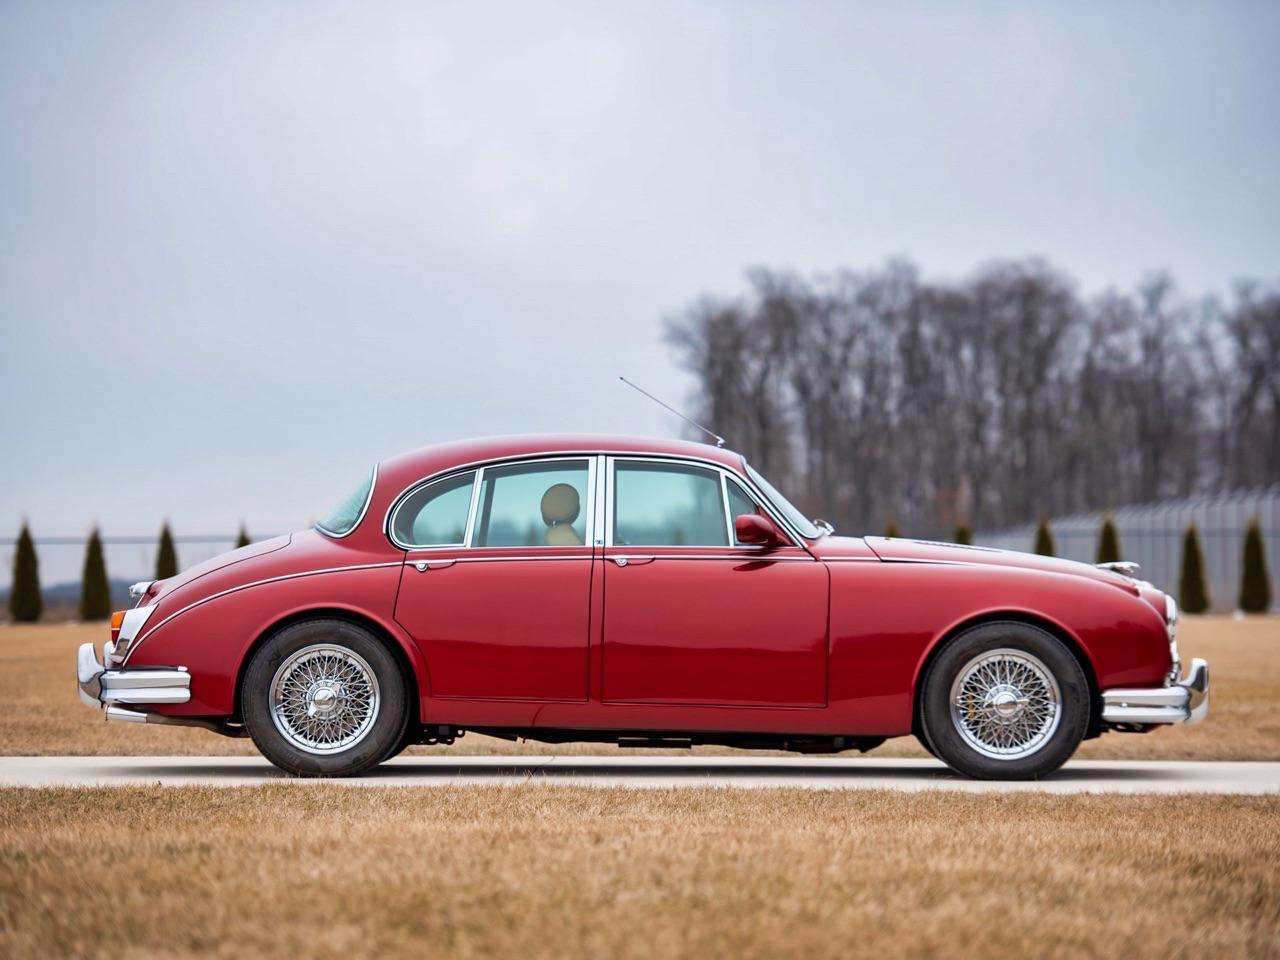 Restomod Jaguar MkII 3.8... enfin, plutôt Beacham V8 Supercharged ! 6